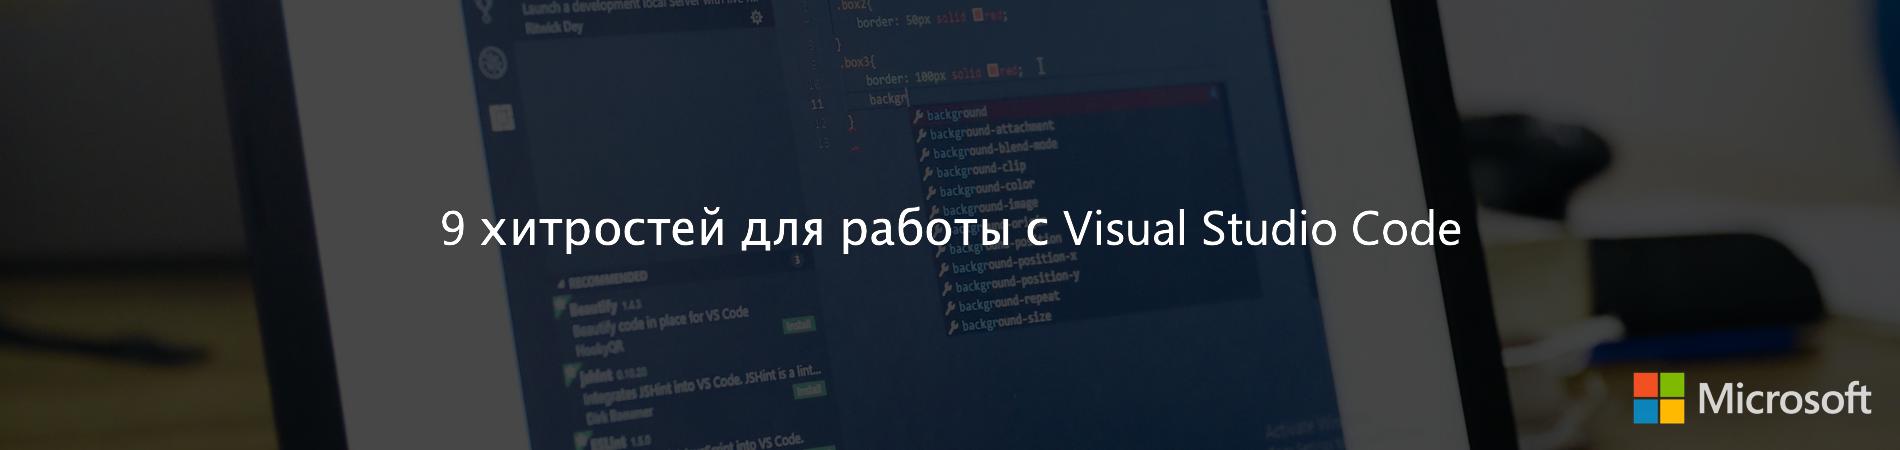 [Перевод] 9 хитростей для работы с Visual Studio Code